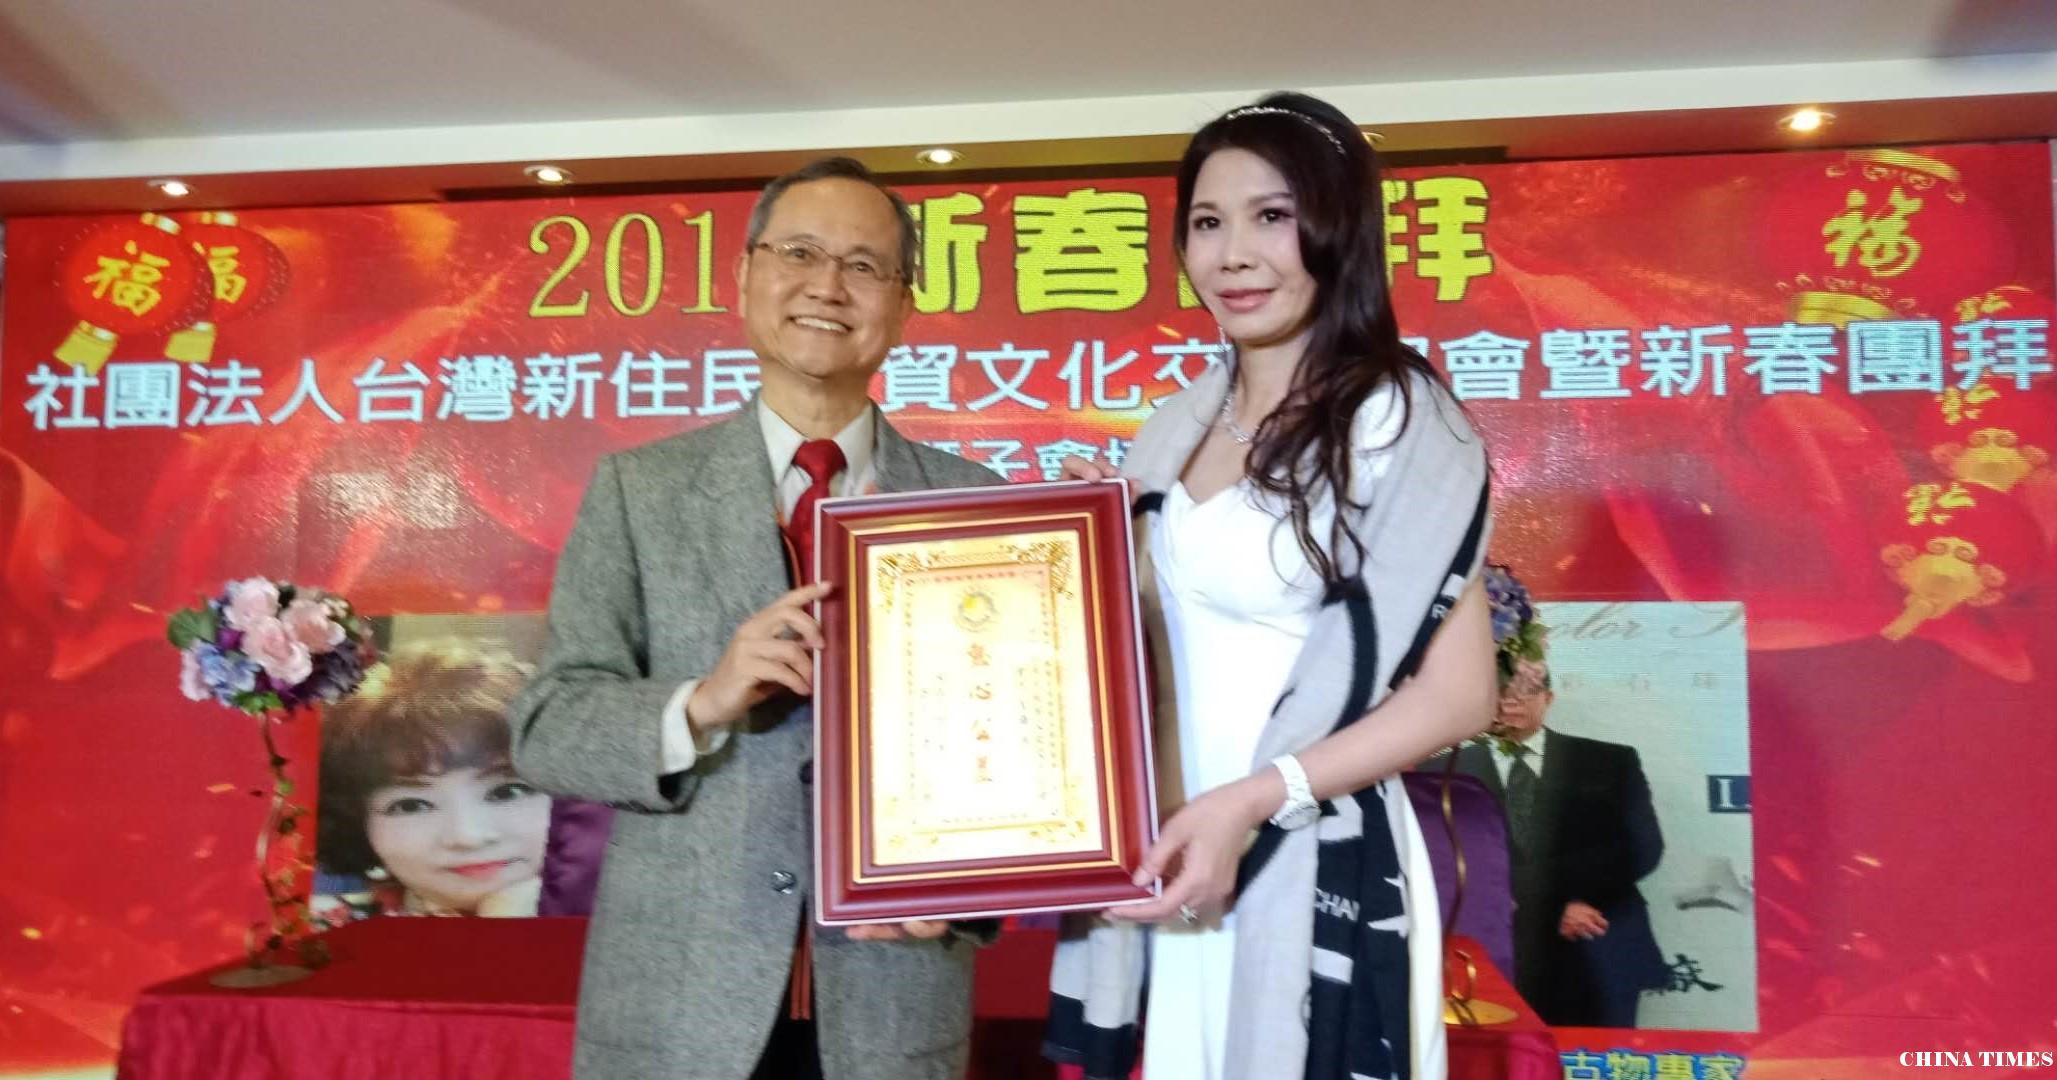 台灣新住民經貿文化交流協會 團拜